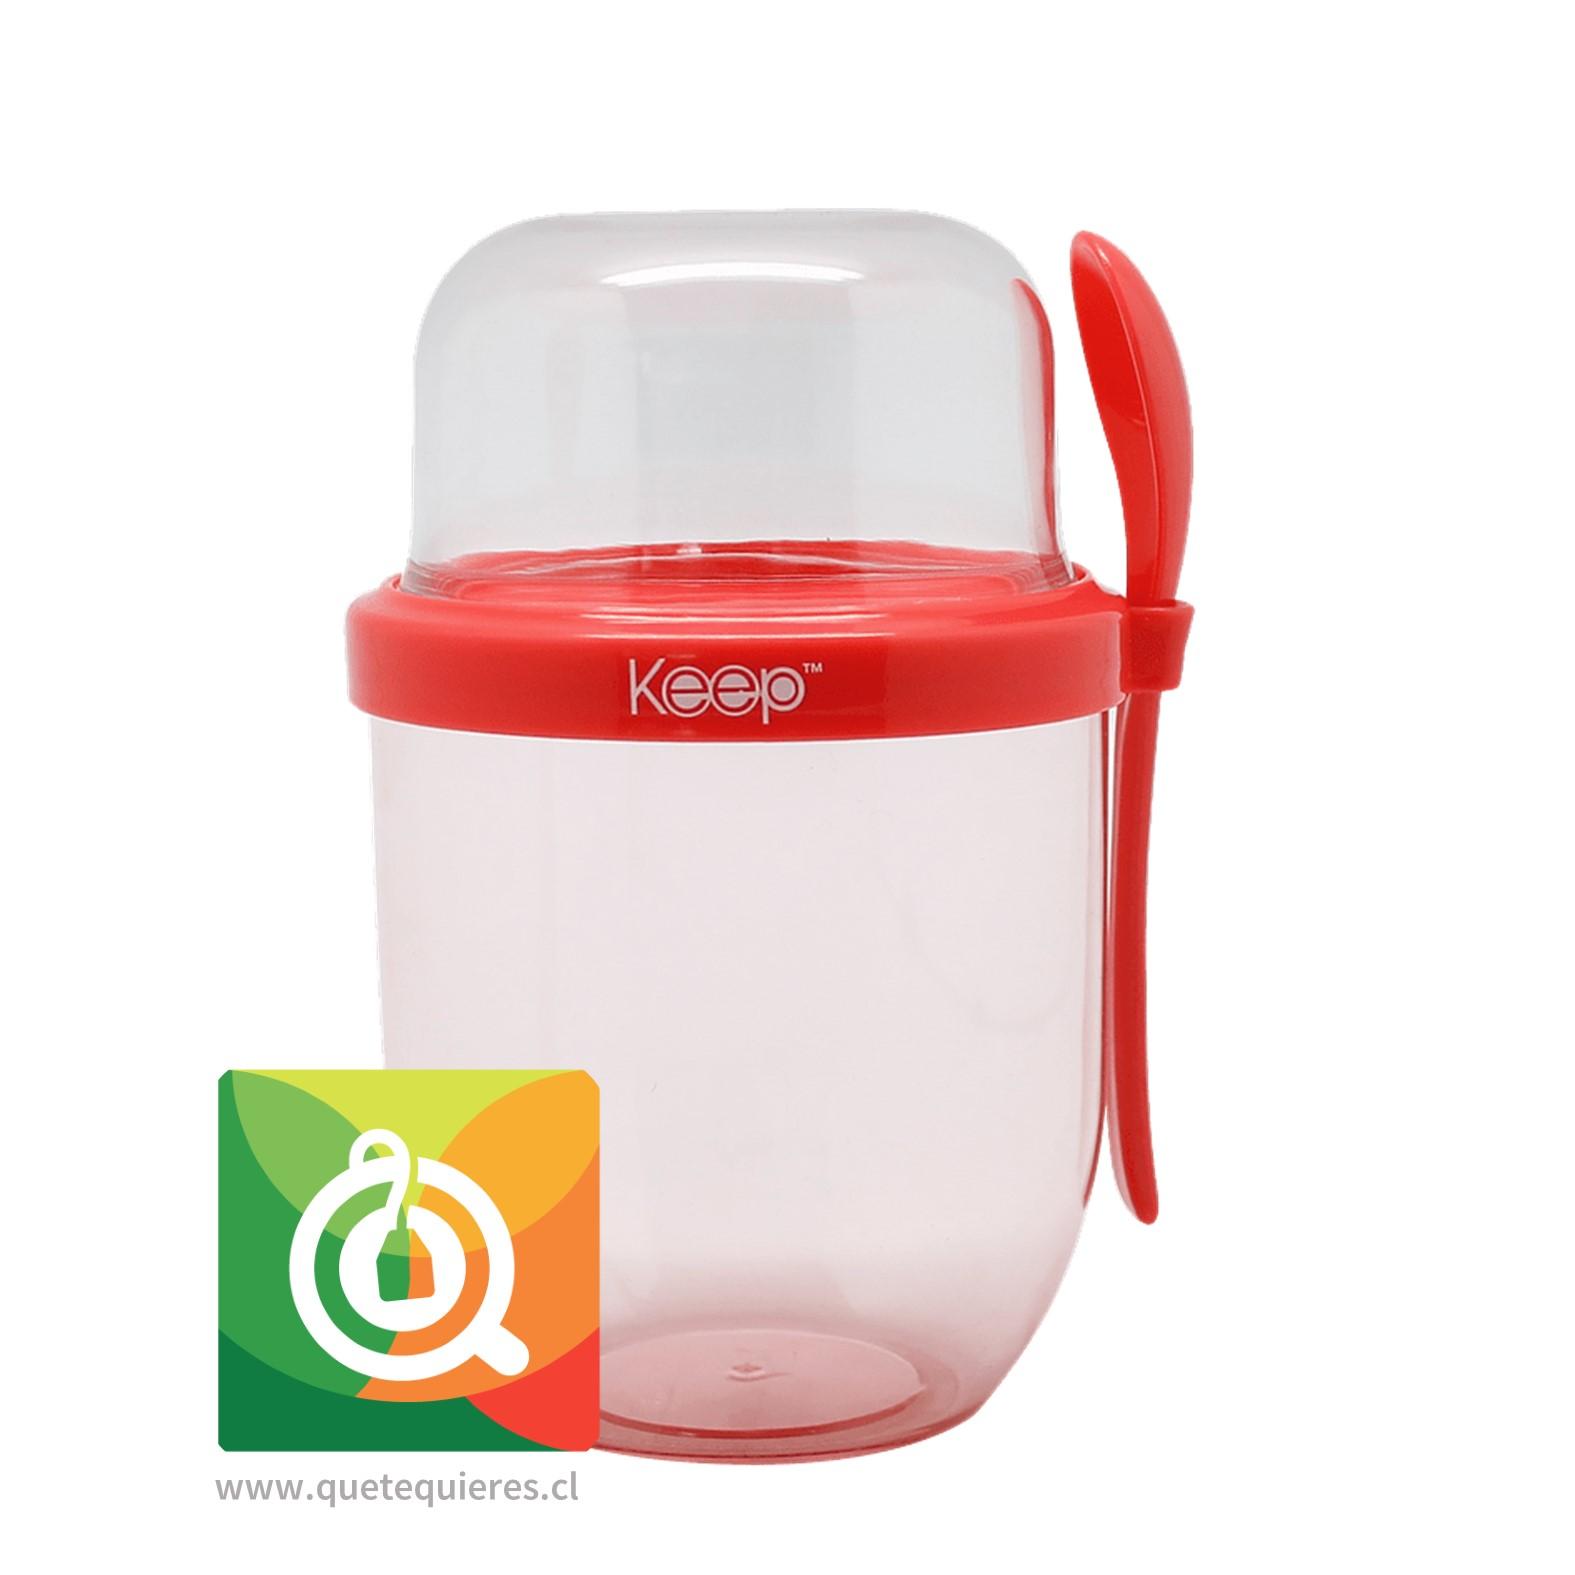 Keep Vaso Yogurt To Go II Fucsia